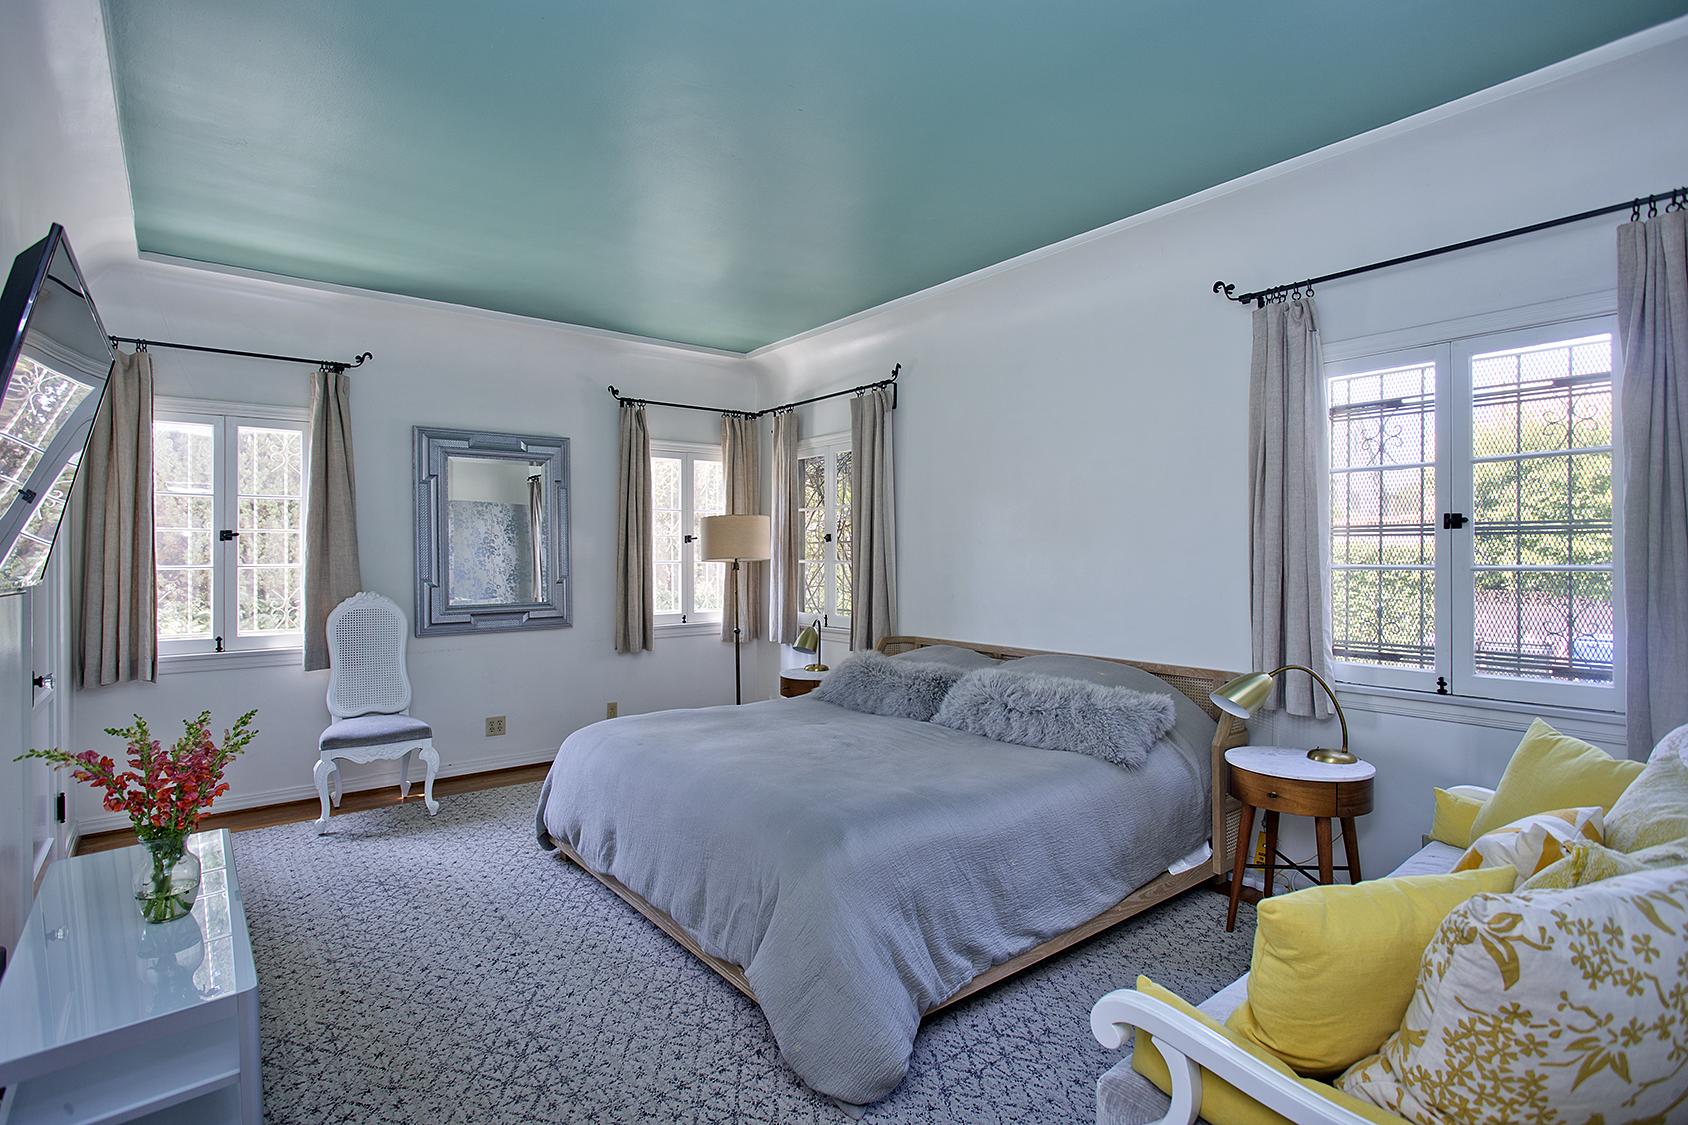 Master bedroom Property Management